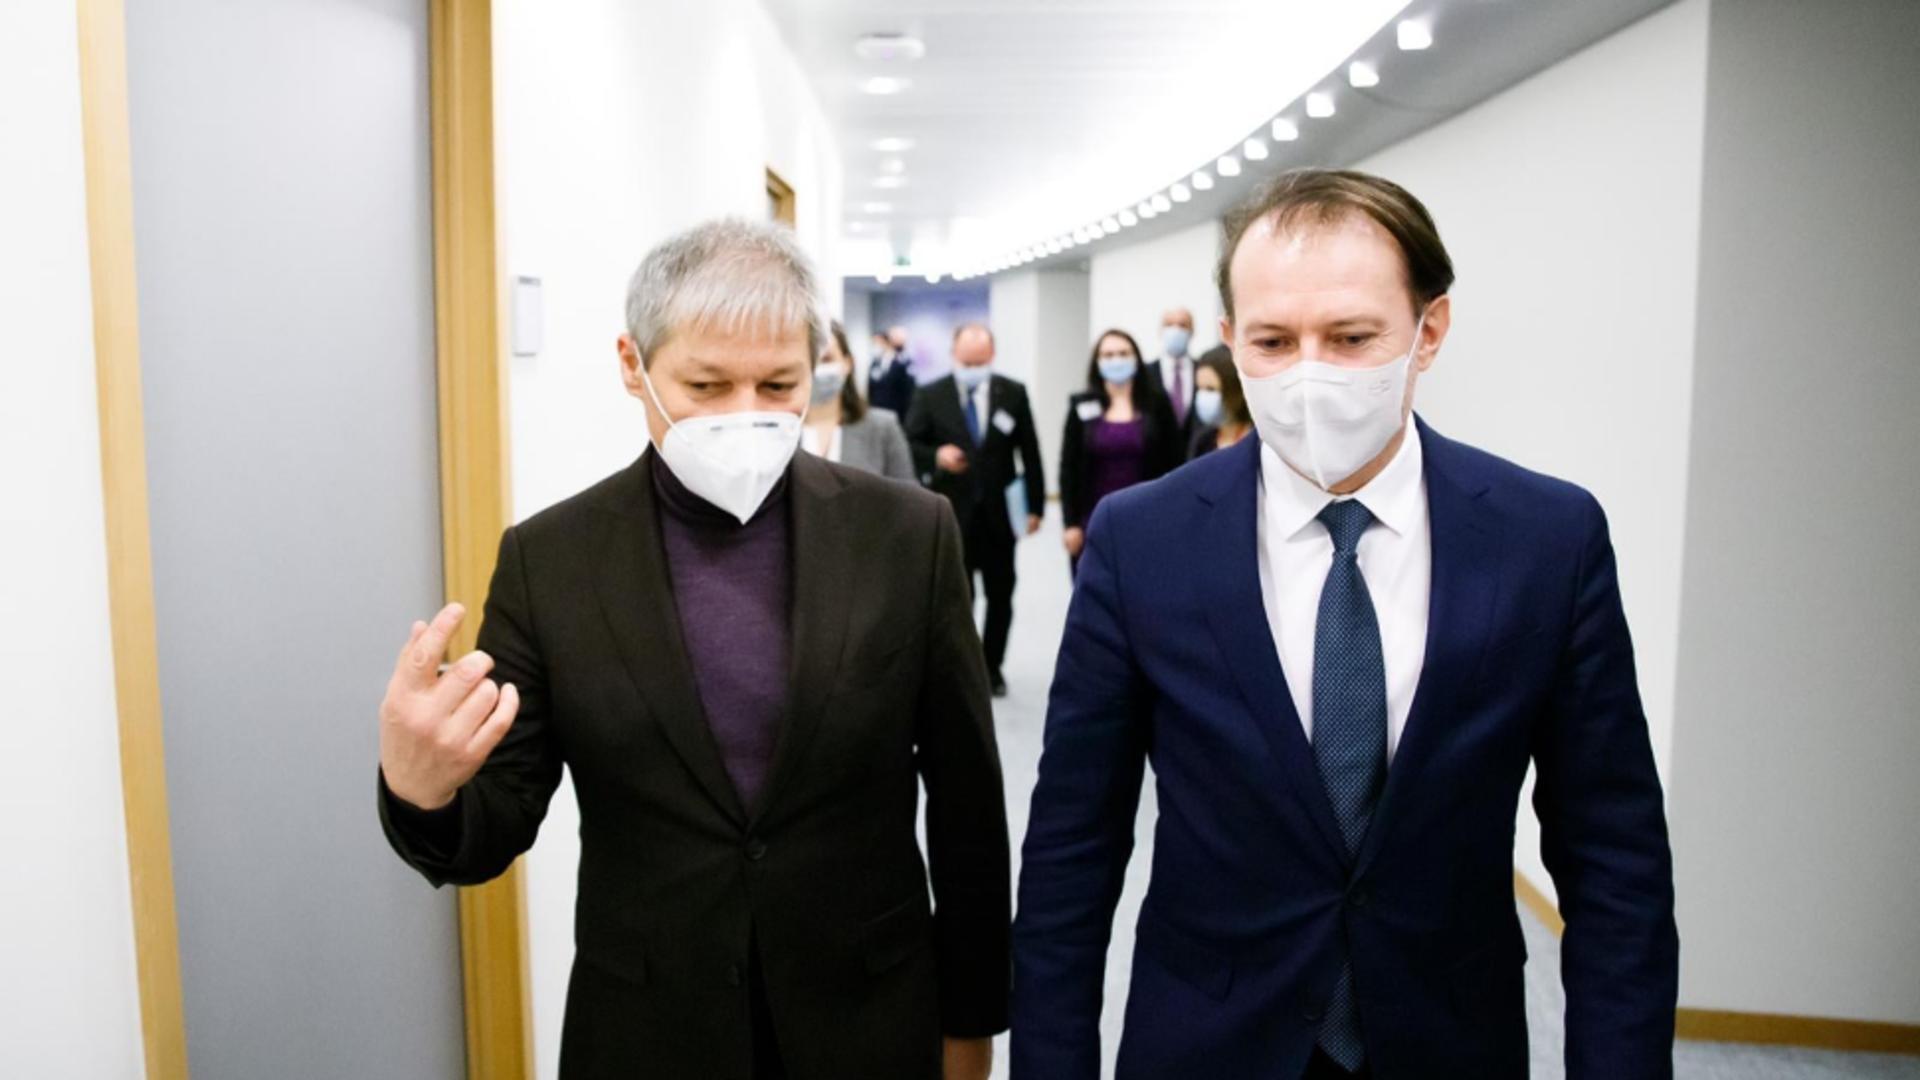 Cioloș nu apleacă urechea la ironiile lui Cîțu. Foto/Inquam